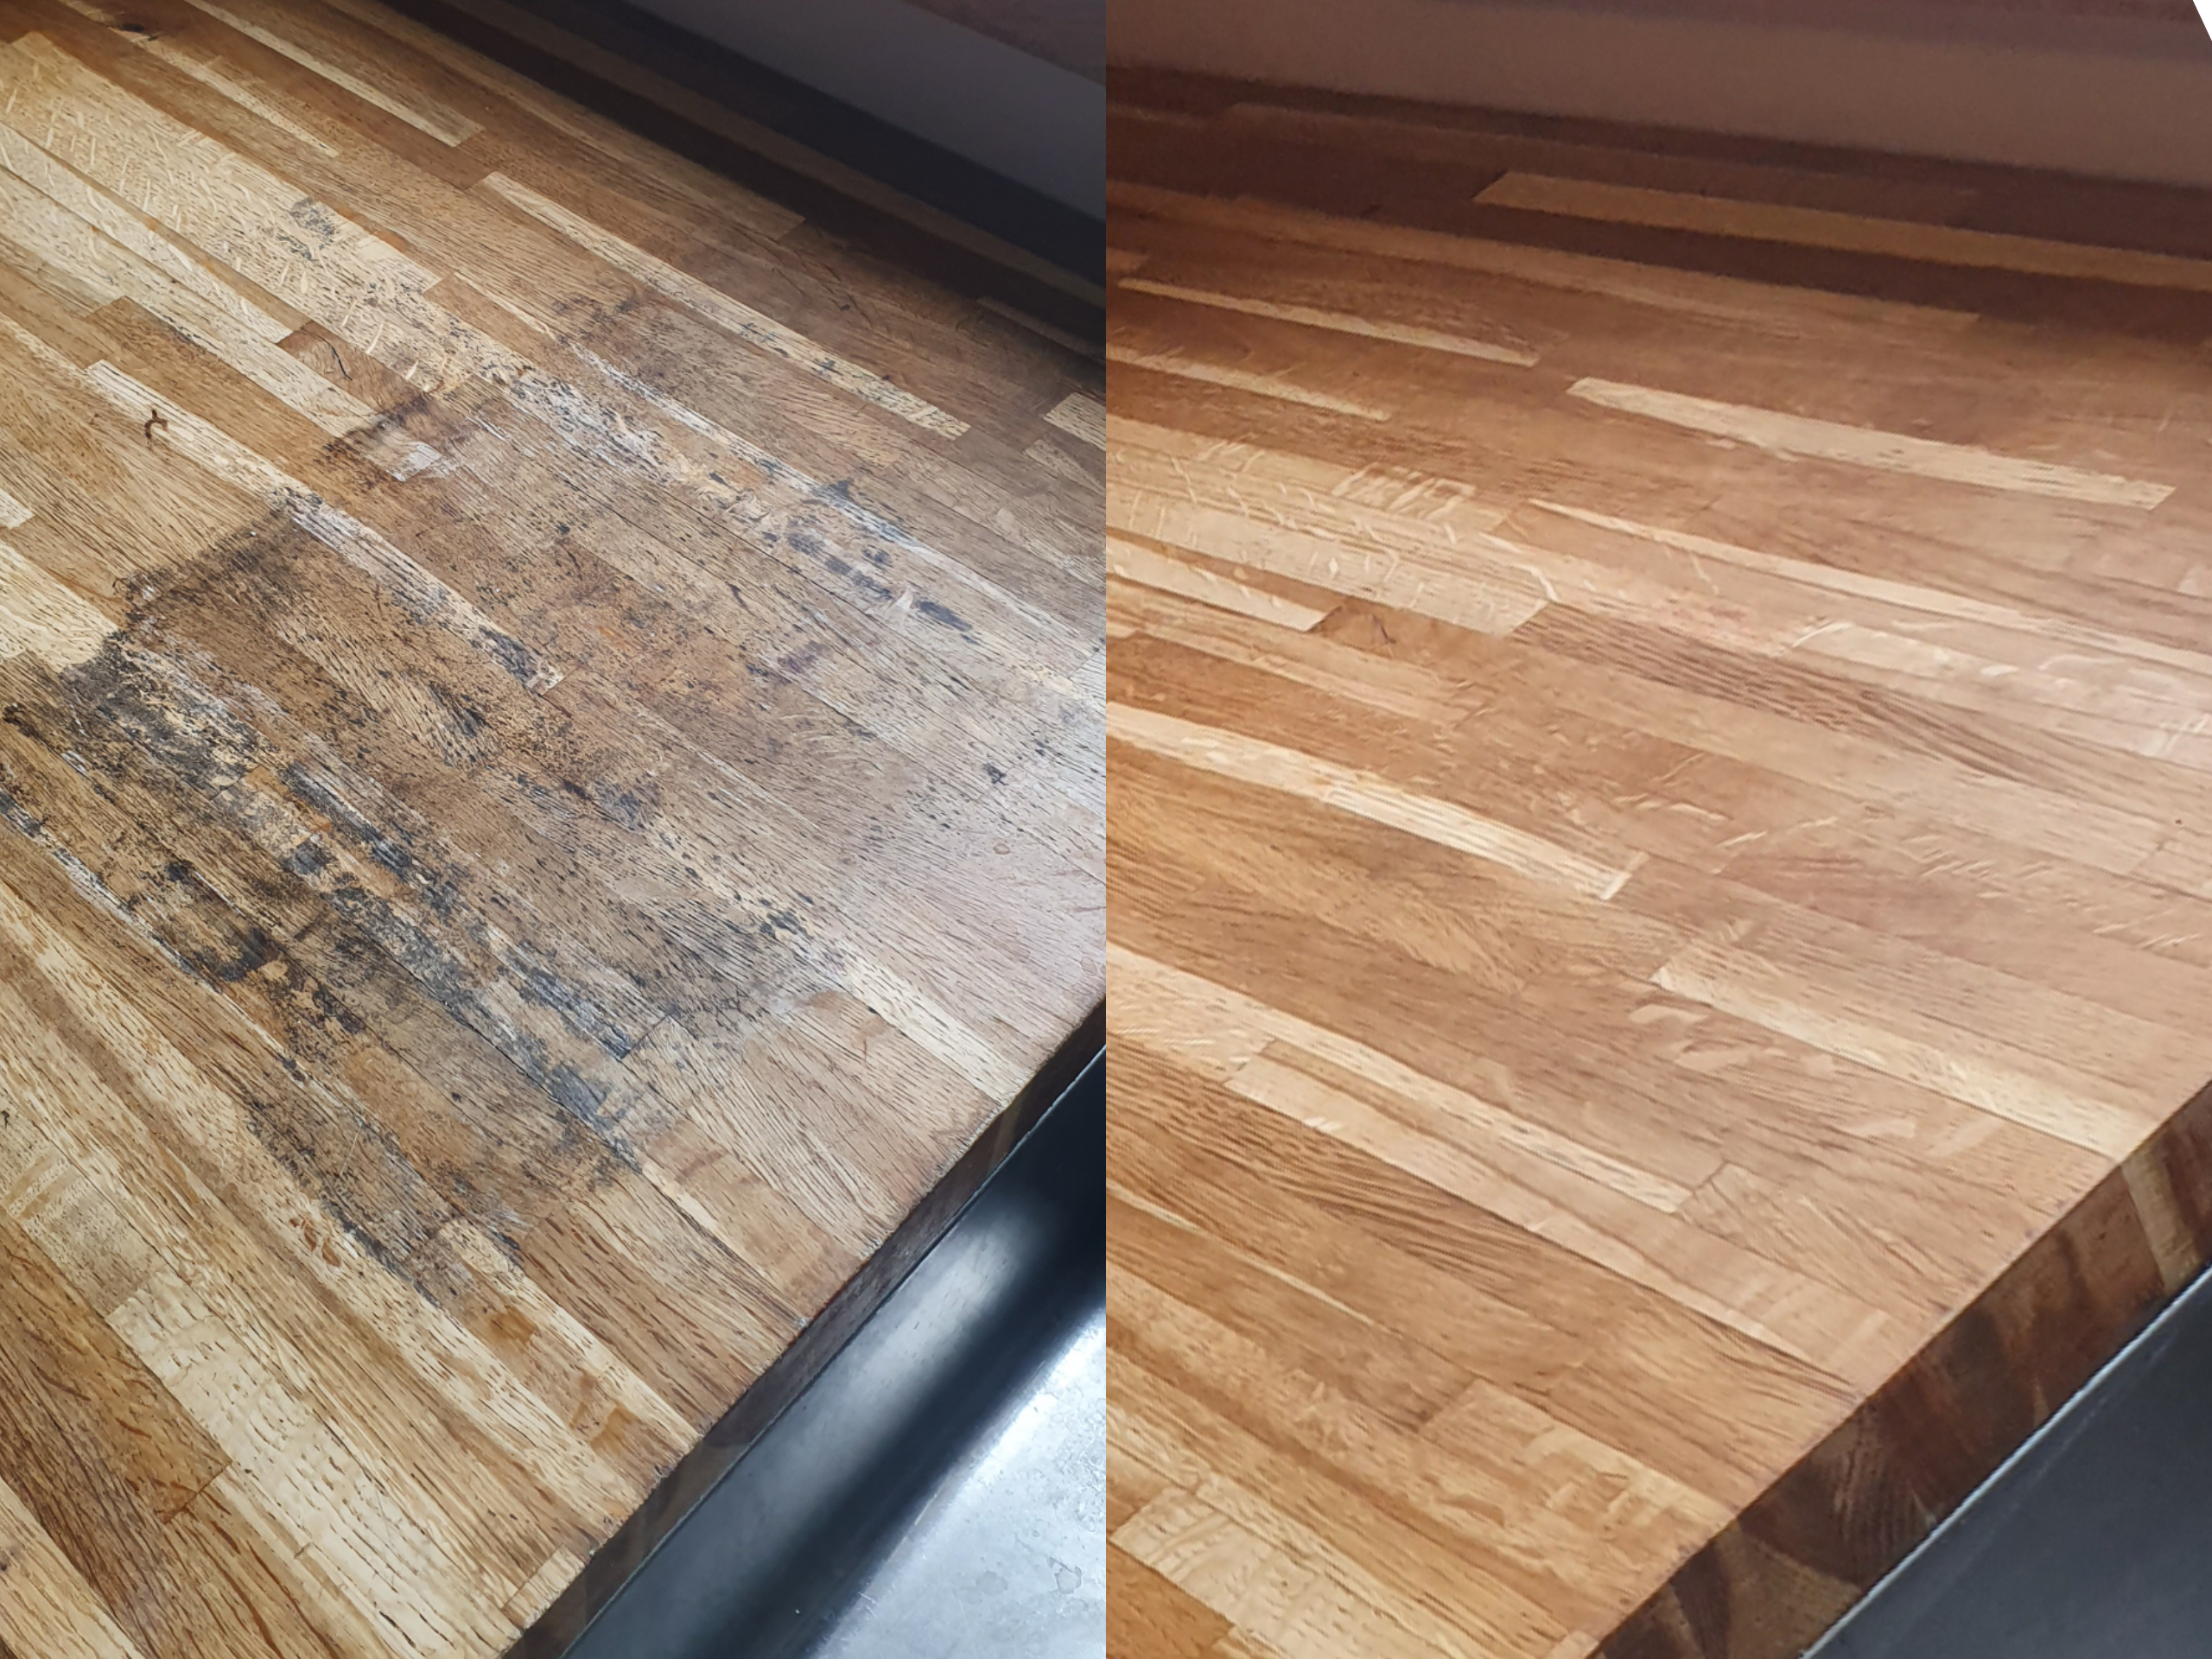 Oak worktop repair before and after